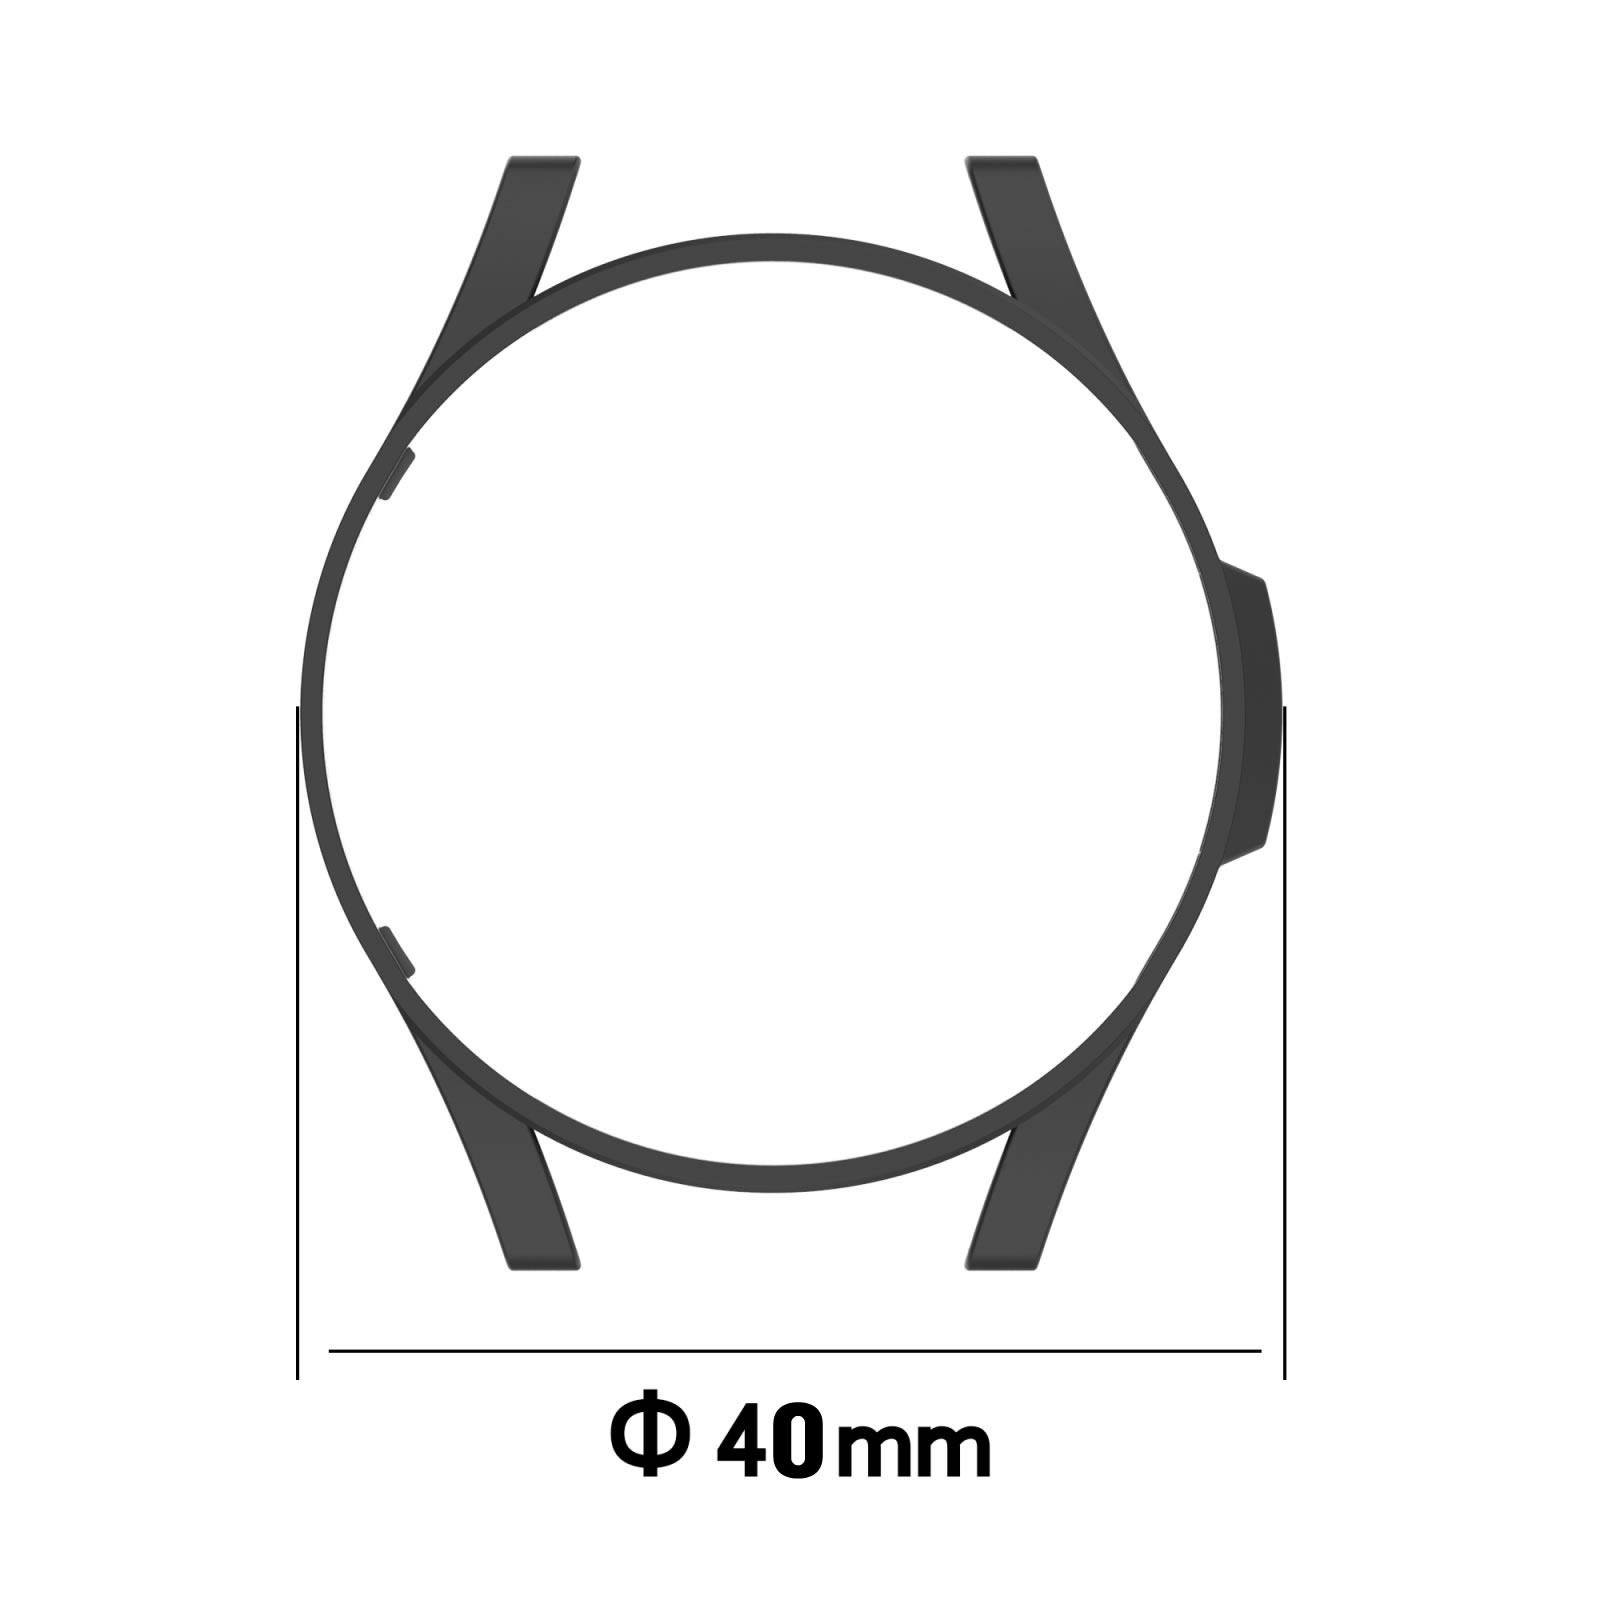 Capa Protetora PC Bumper Case compatível com Samsung Galaxy Watch 4 40mm SM-R860 / SM-R865